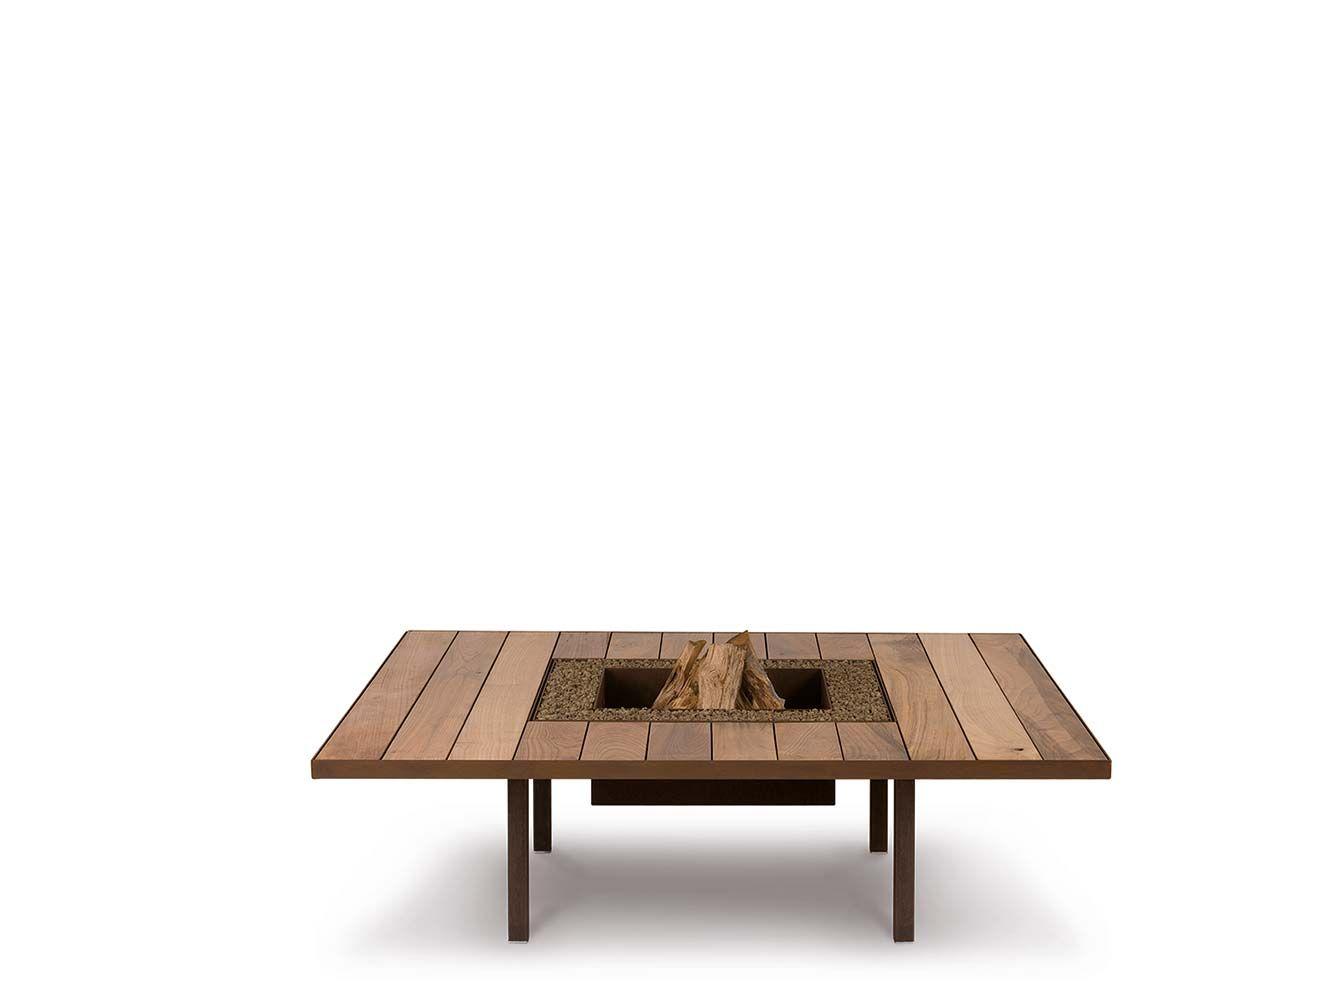 et si vous prolongiez la soir e id es pour la maison pinterest brasero table bois et. Black Bedroom Furniture Sets. Home Design Ideas